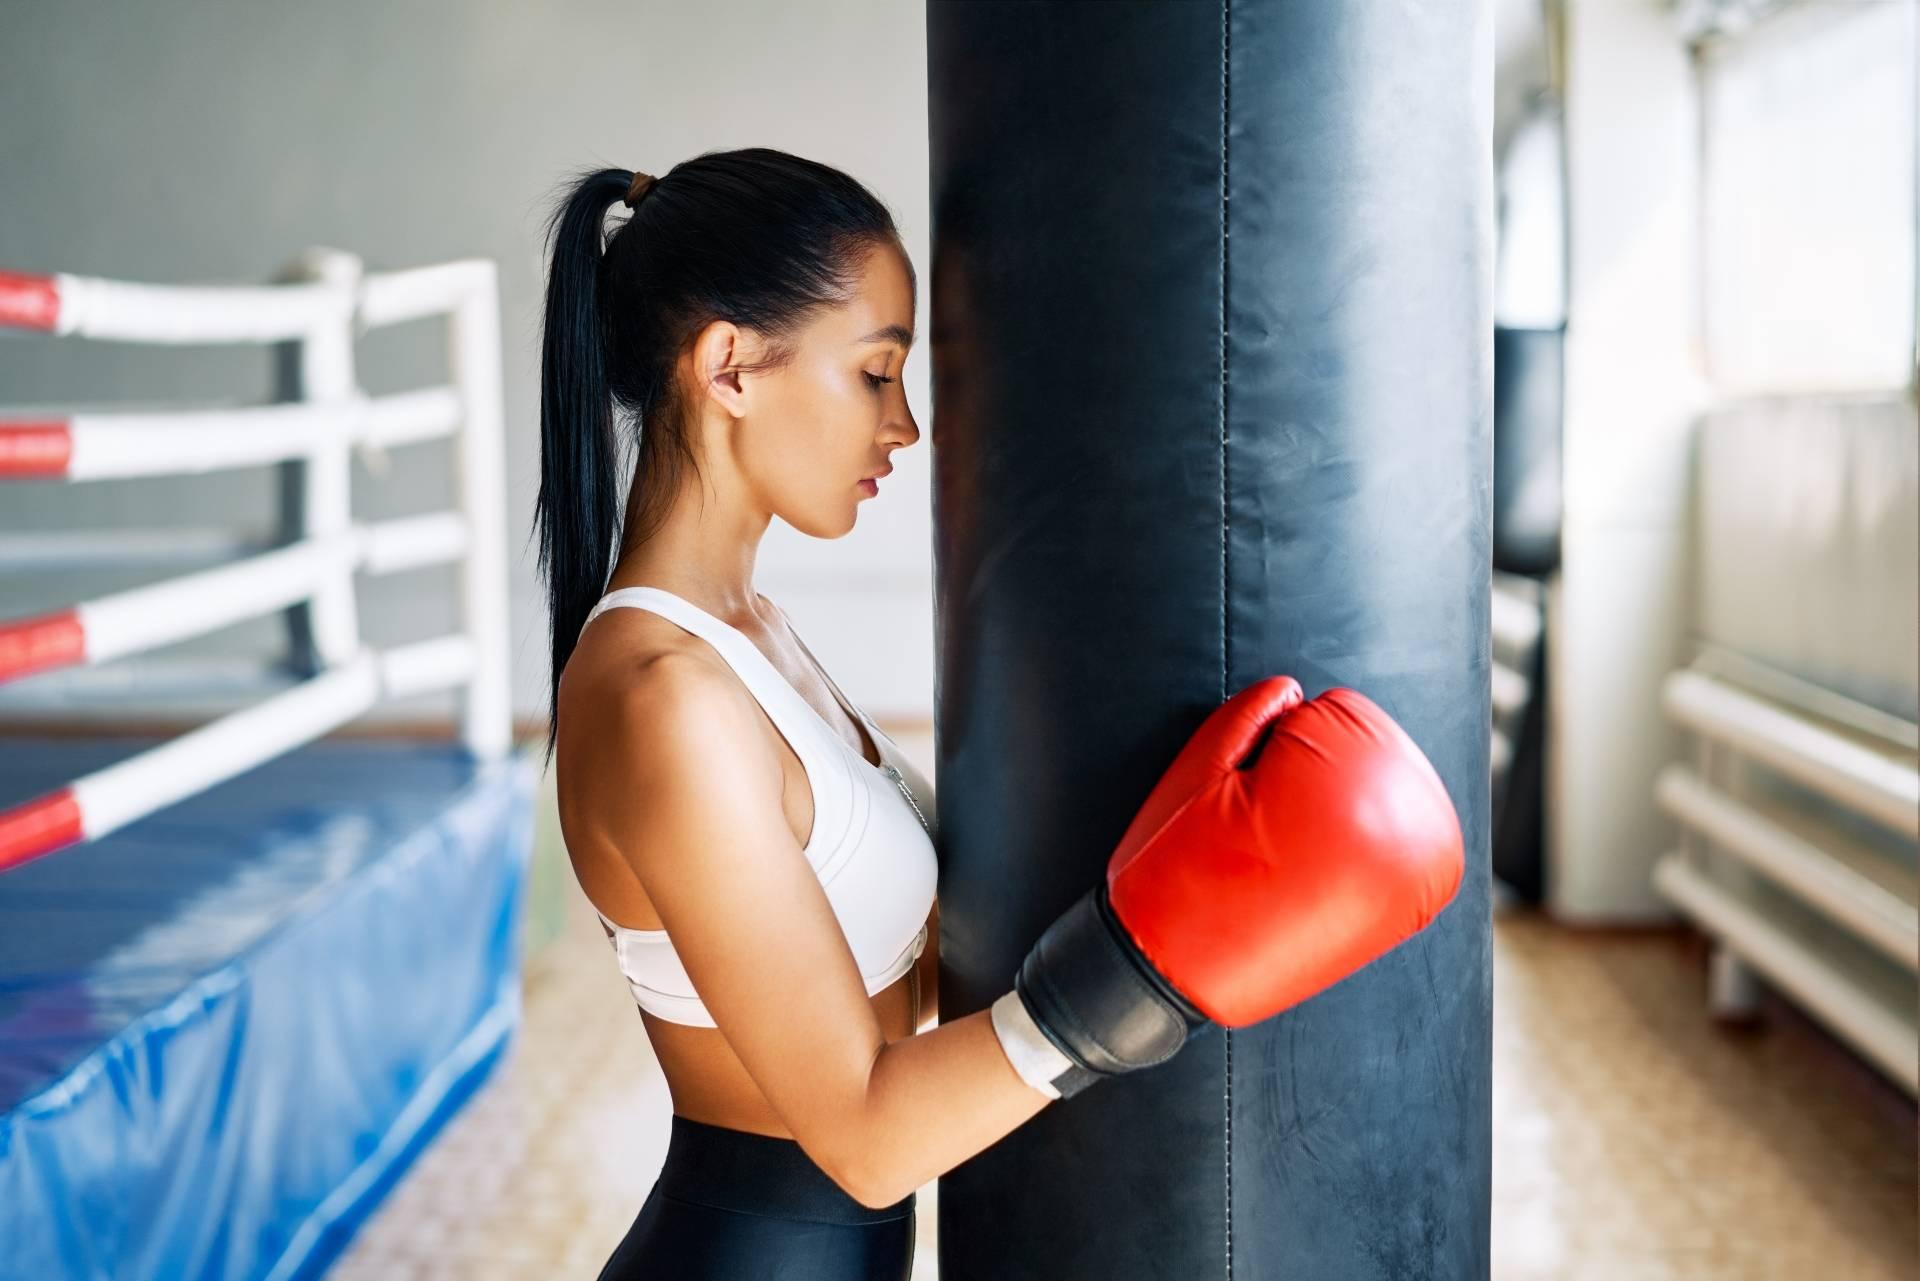 Myśl jak sportowiec - jak czerpać mądrość z psychologii sportu? Młoda atrakcyjna kickbokserka opiera się głową o worek treningowy i obejmuje go rękawicami.